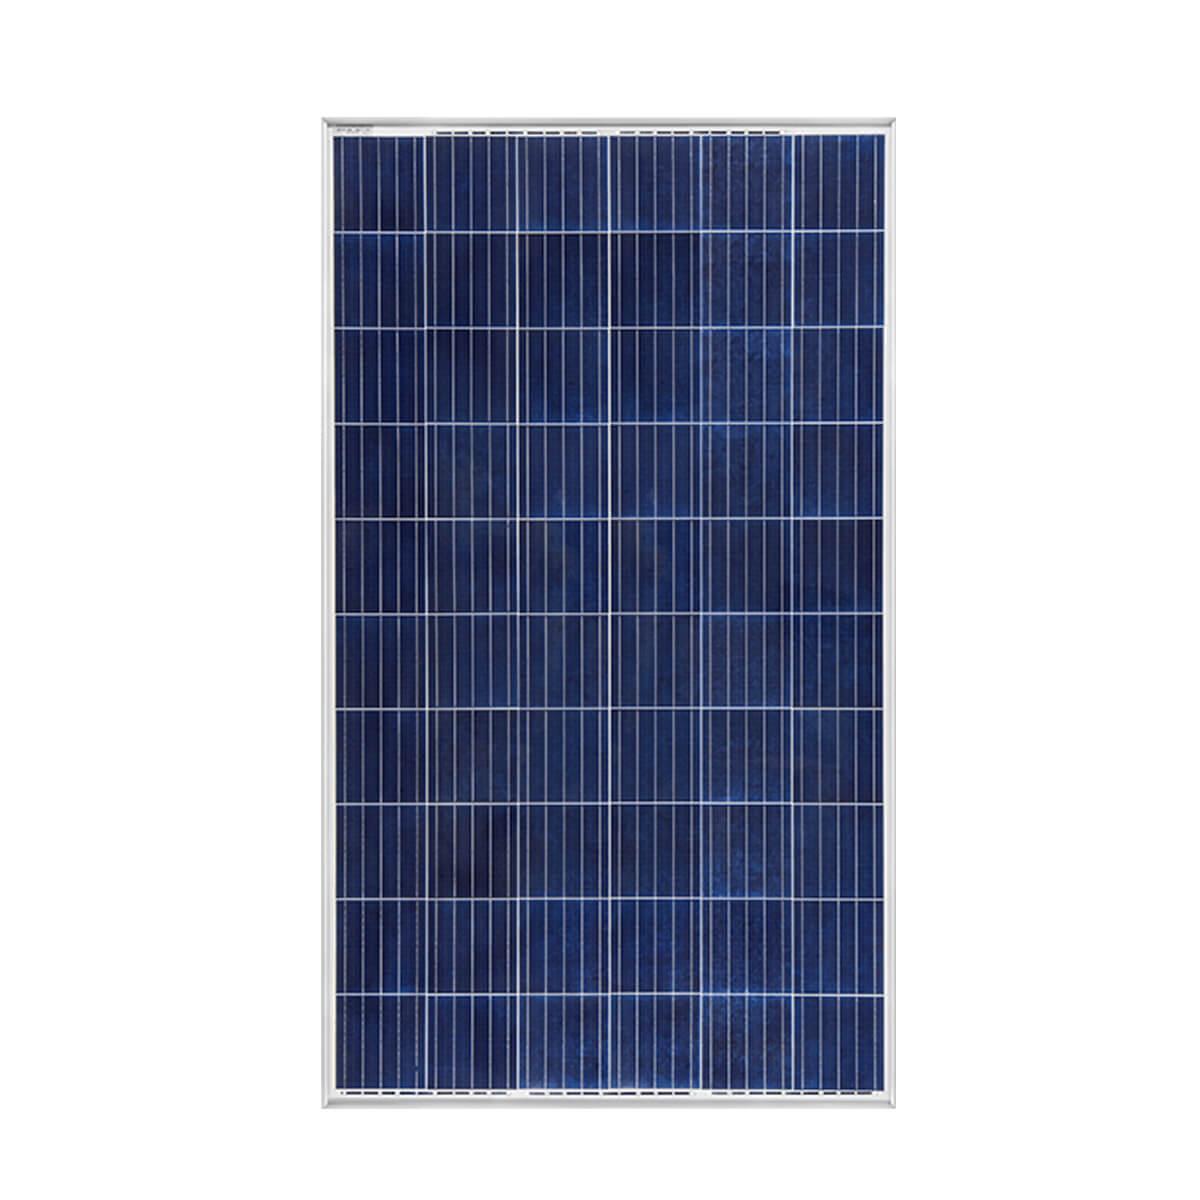 plurawatt 285W panel, plurawatt 285Watt panel, plurawatt 285 W panel, plurawatt 285 Watt panel, plurawatt 285 Watt polikristal panel, plurawatt 285 W watt gunes paneli, plurawatt 285 W watt polikristal gunes paneli, plurawatt 285 W Watt fotovoltaik polikristal solar panel, plurawatt 285W polikristal gunes enerjisi, plurawatt dc-60-285W panel, PLURAWATT 285 WATT